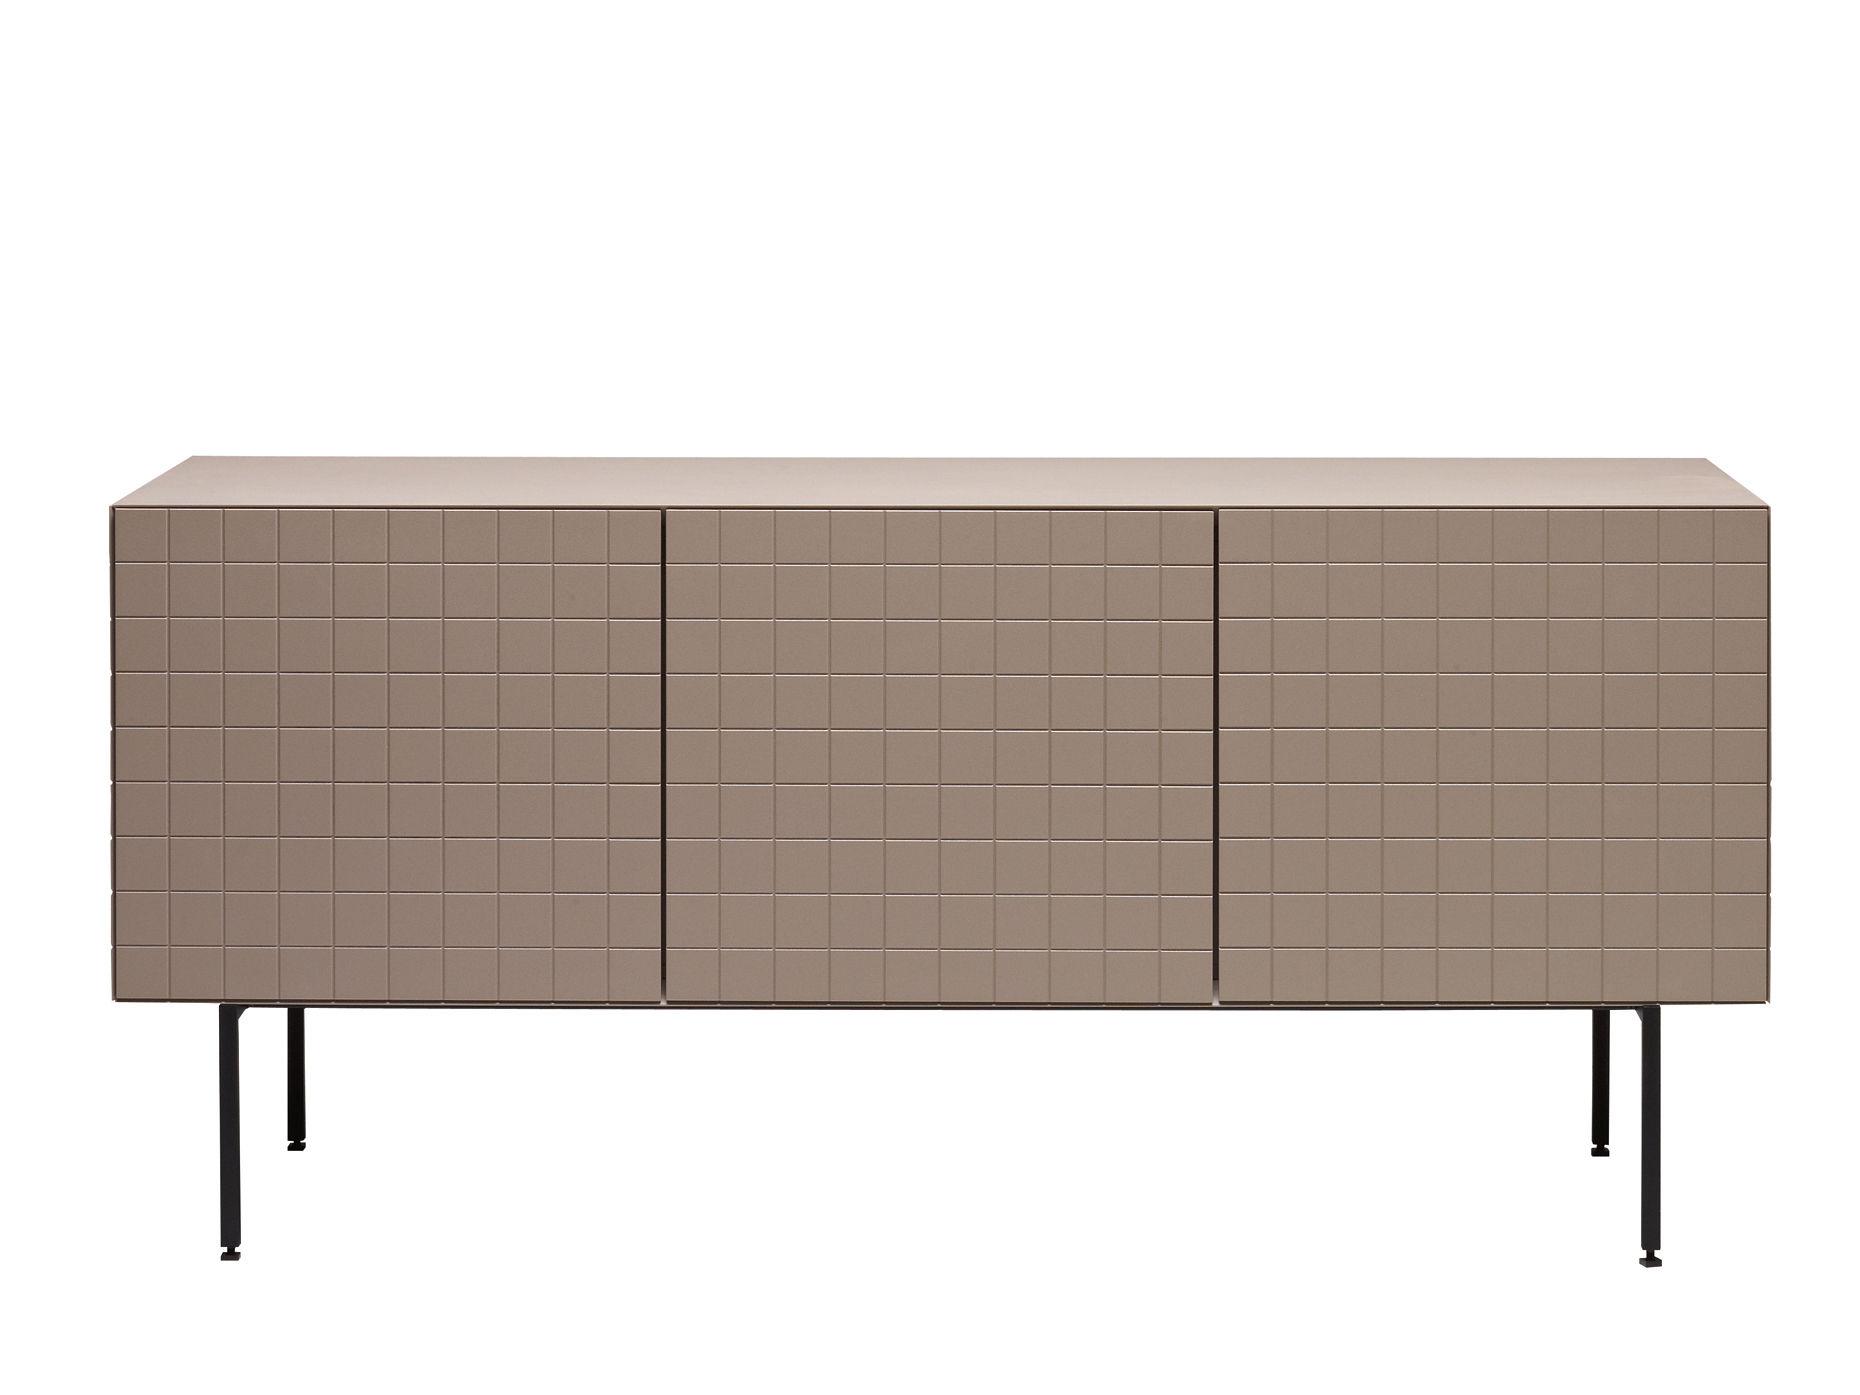 Möbel - Kommode und Anrichte - Toshi Anrichte / Modell N° 3 - L 136 cm x H 61,5 cm, mit Füßen - Casamania - Warmes Grau - lackierte Holzfaserplatte, Metall